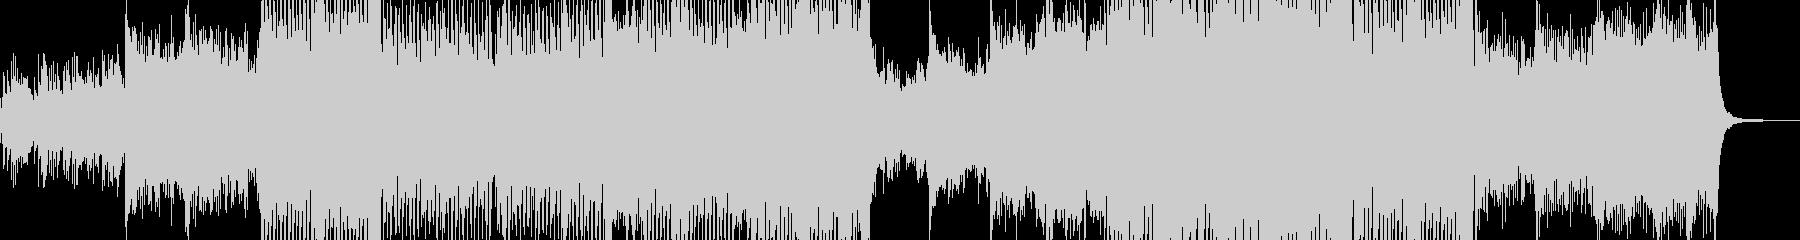 メルヘン・ファンタジックなテクノ Sの未再生の波形